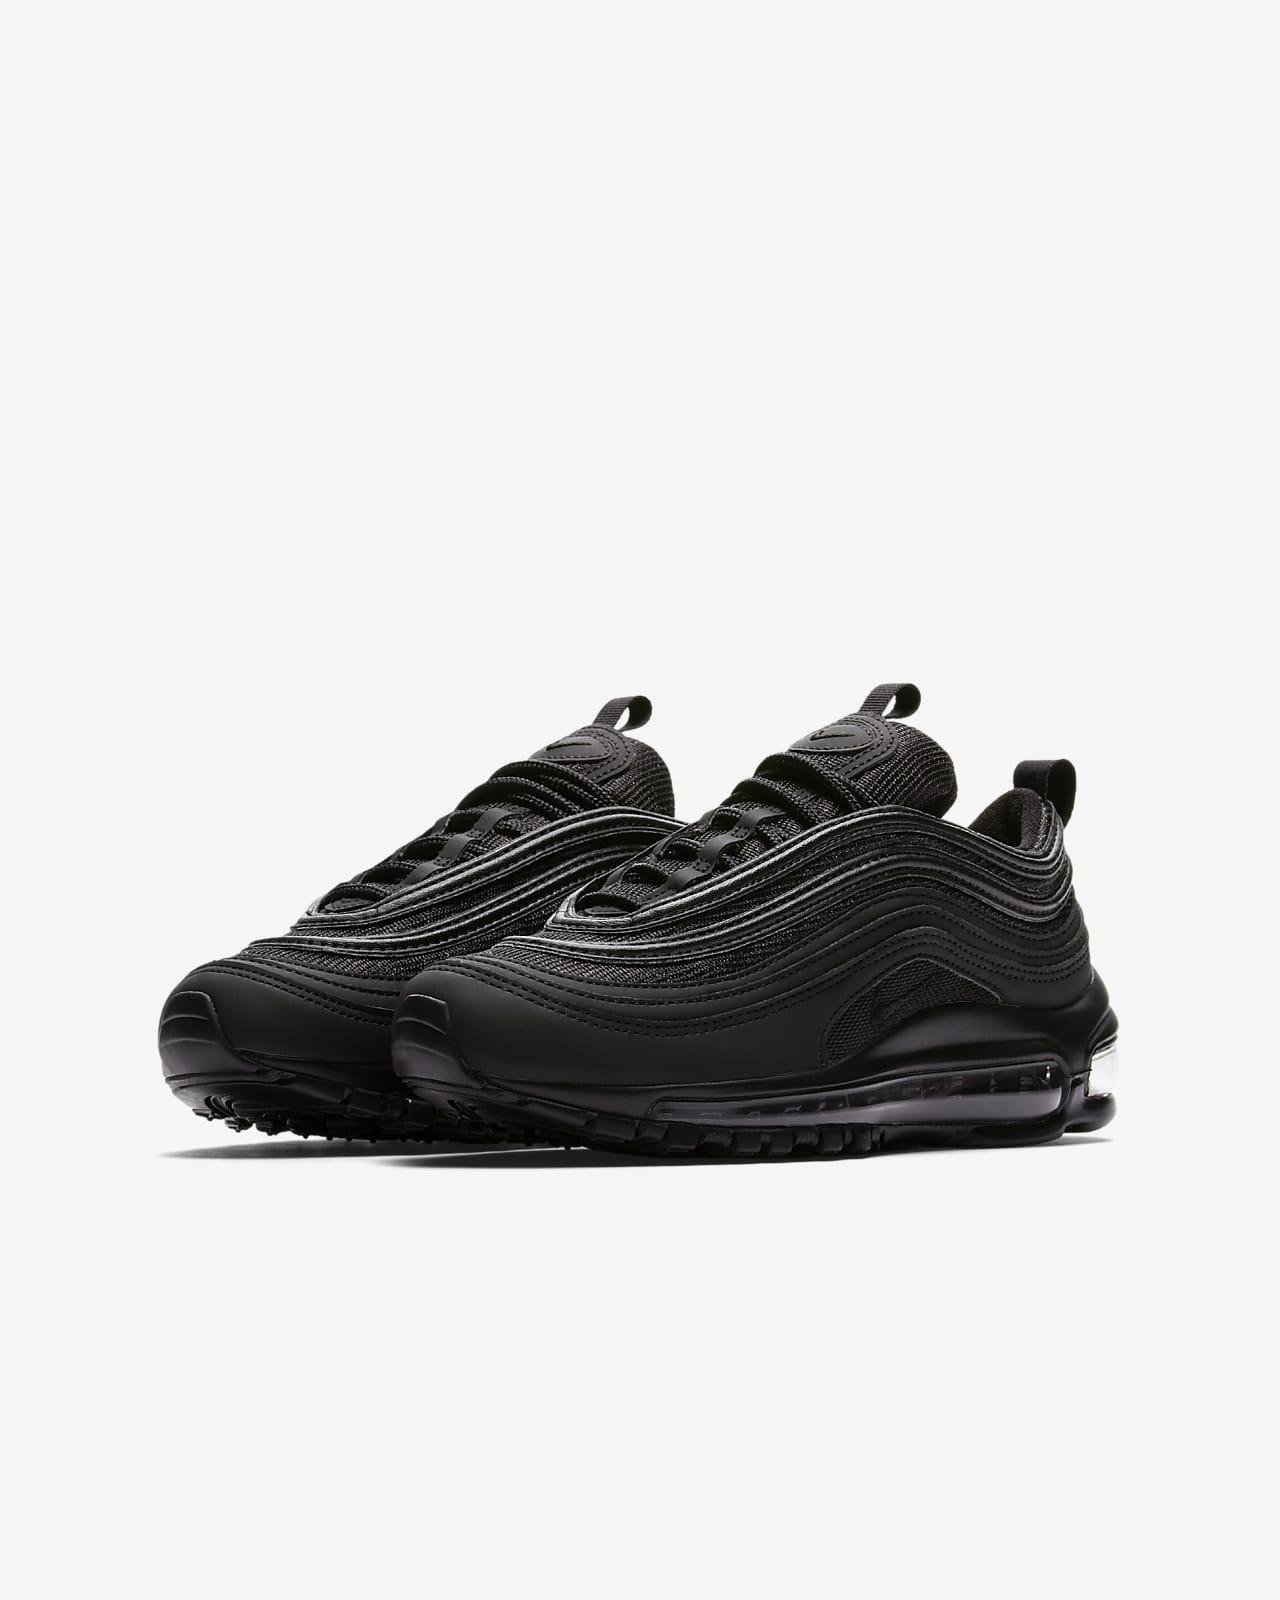 air max 97 black and black